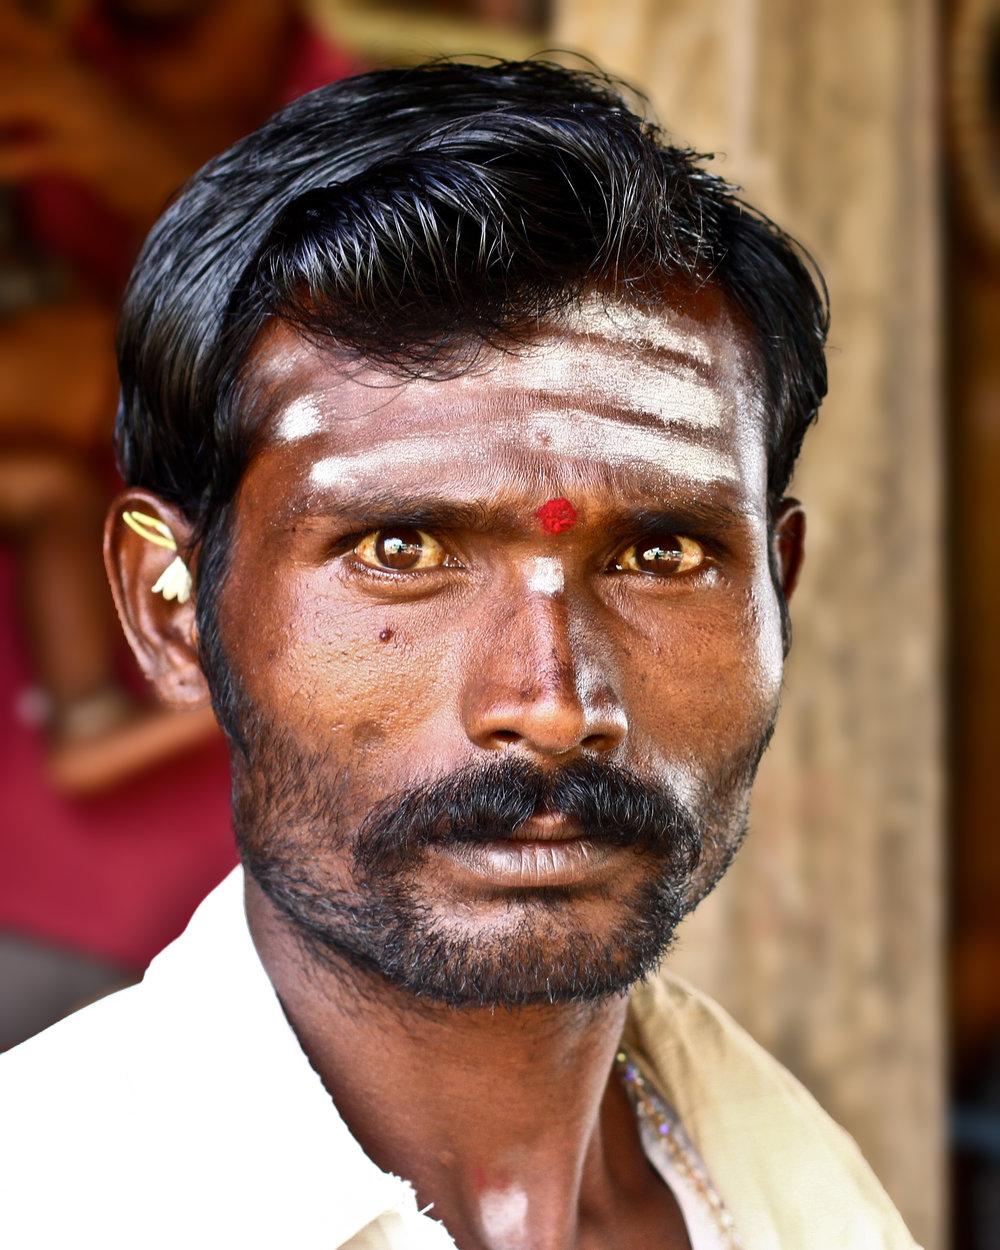 Karnatakan Villager